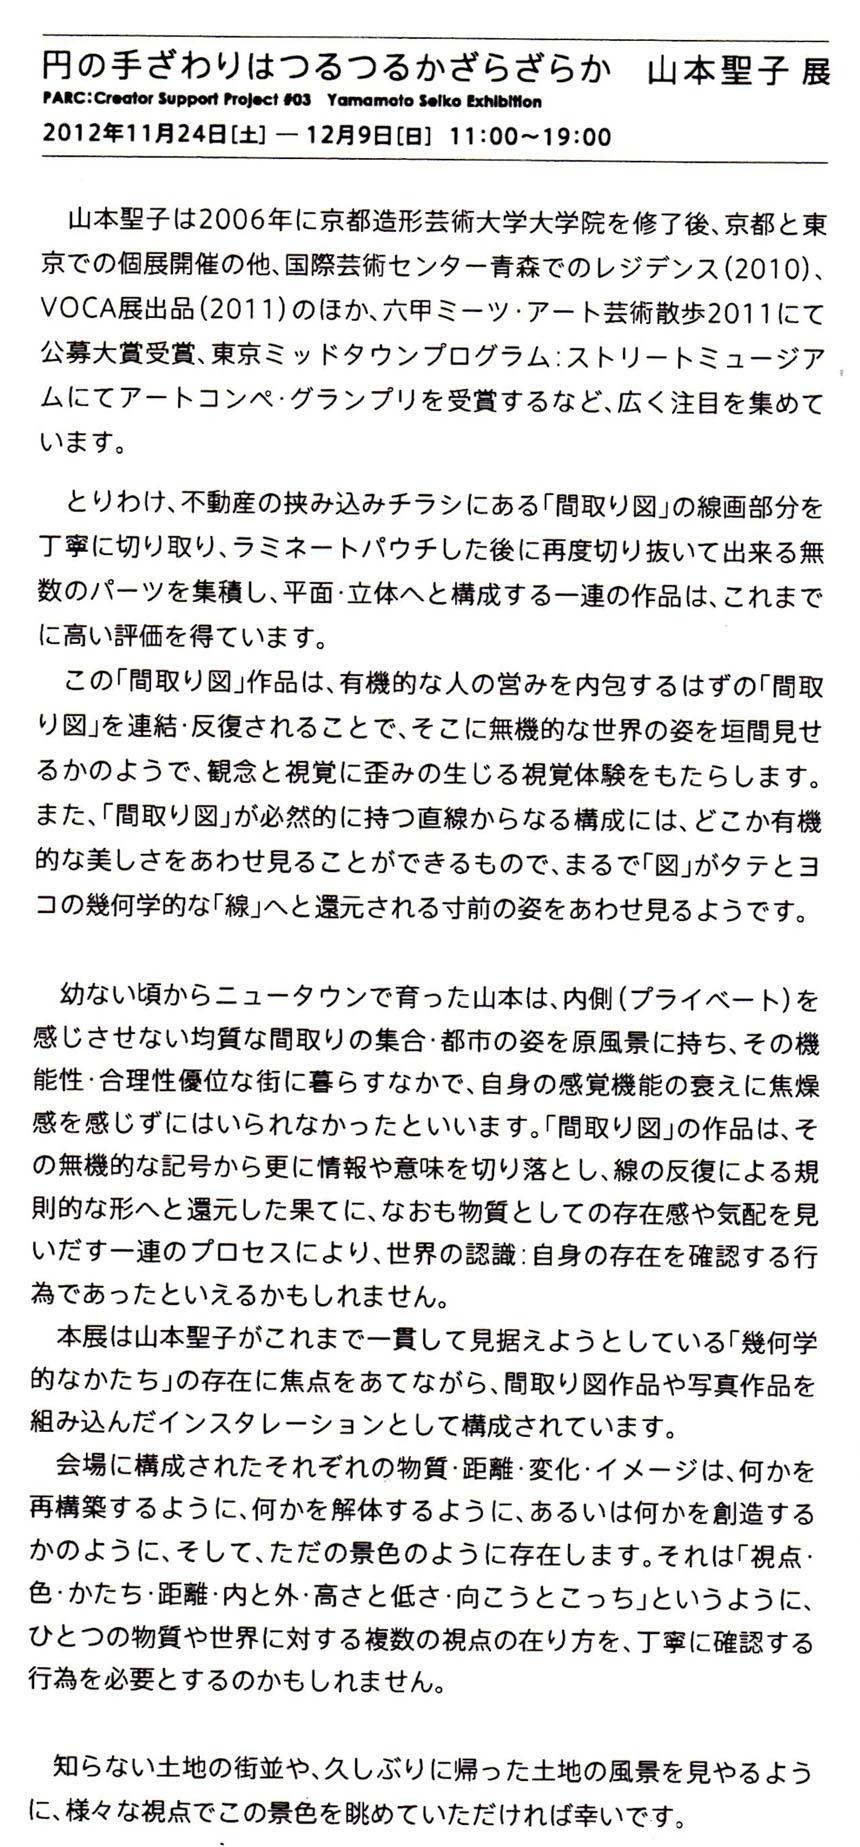 会場内ハンドアウト / Handout